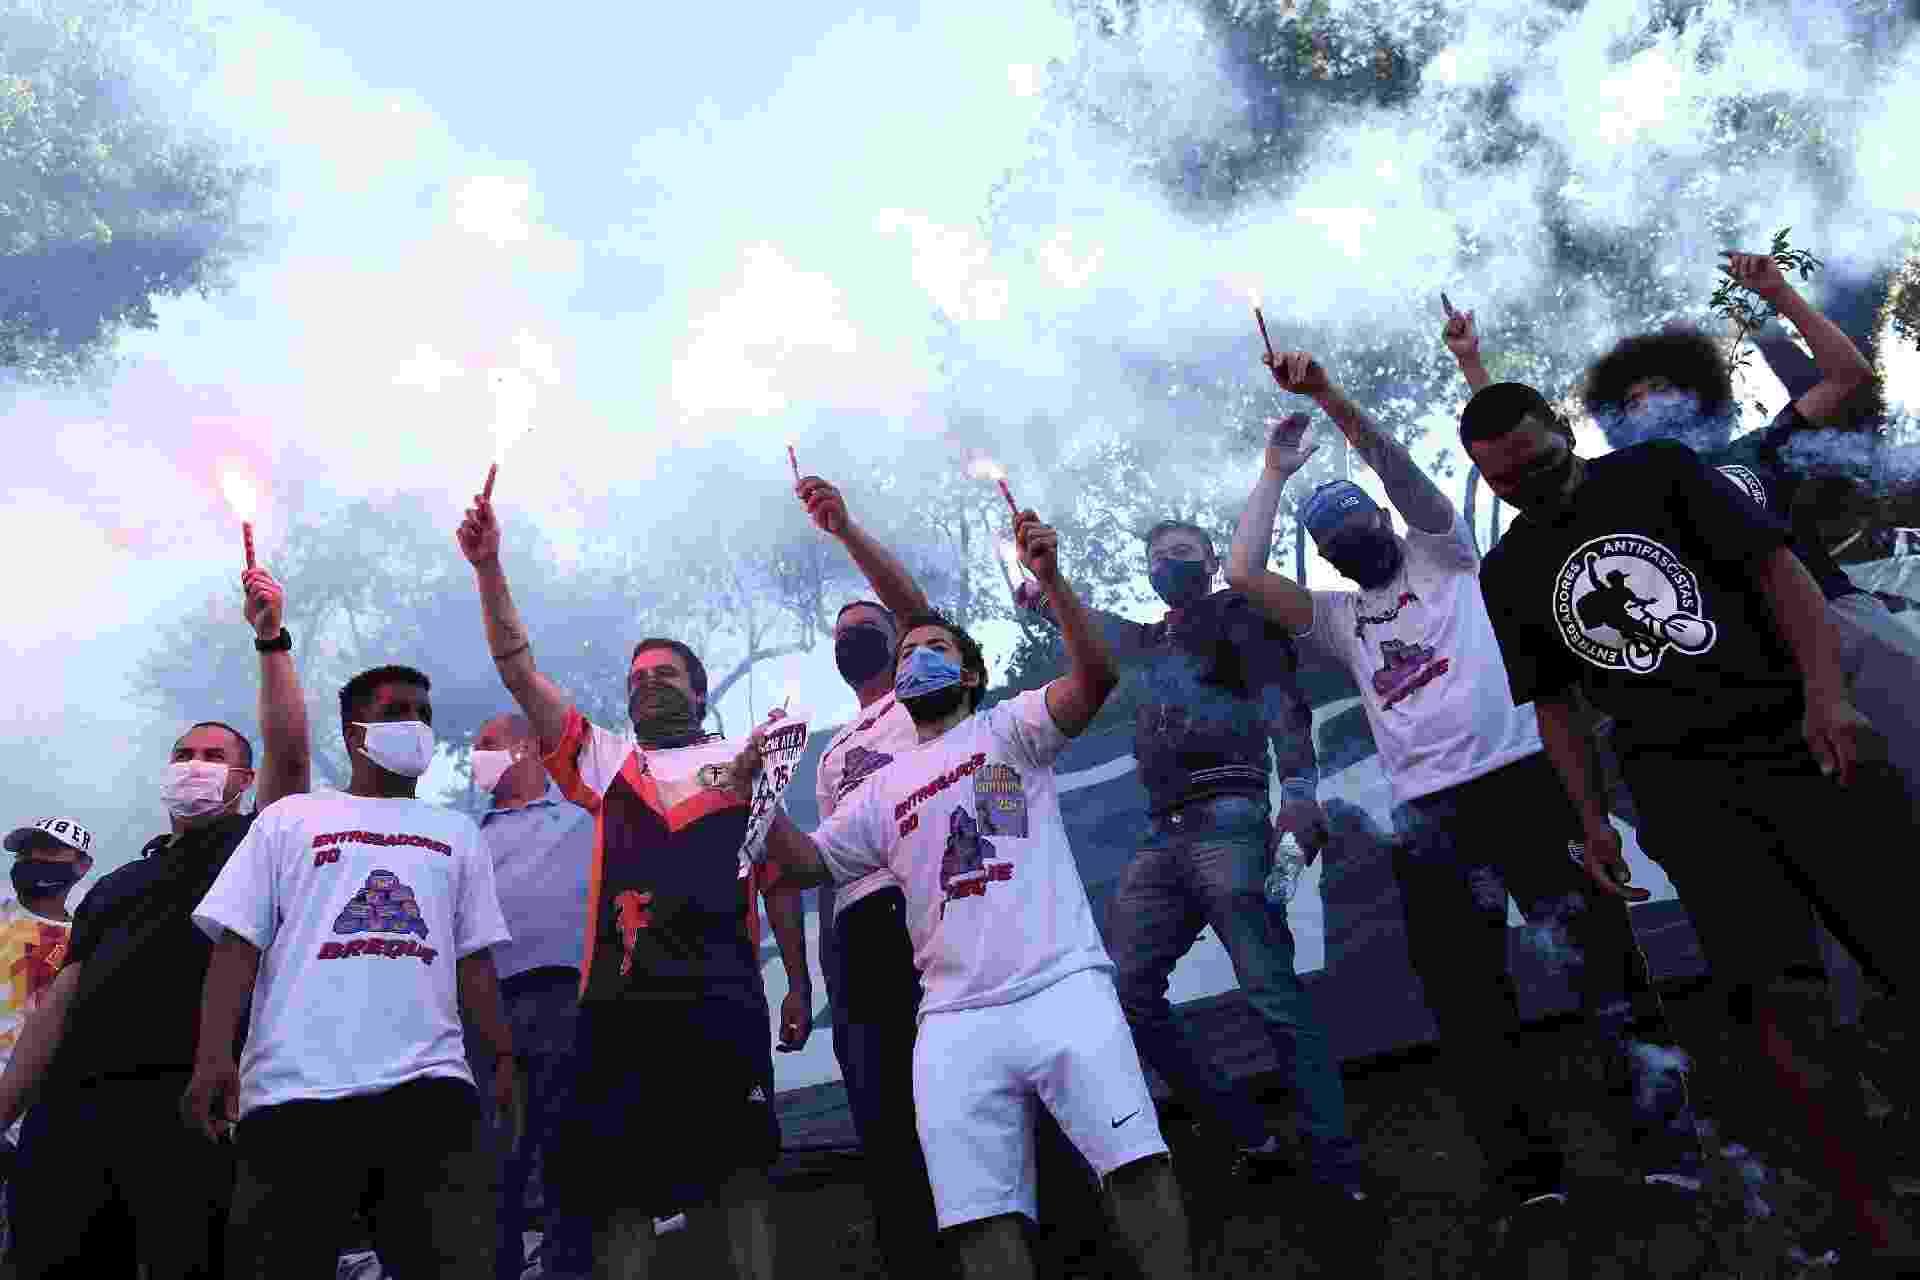 Entregadores por aplicativos fazem segunda paralisação nacional e protestam na praça Charles Miller, em frente ao estádio do Pacaembu, região central de São Paulo - Estadão Conteúdo